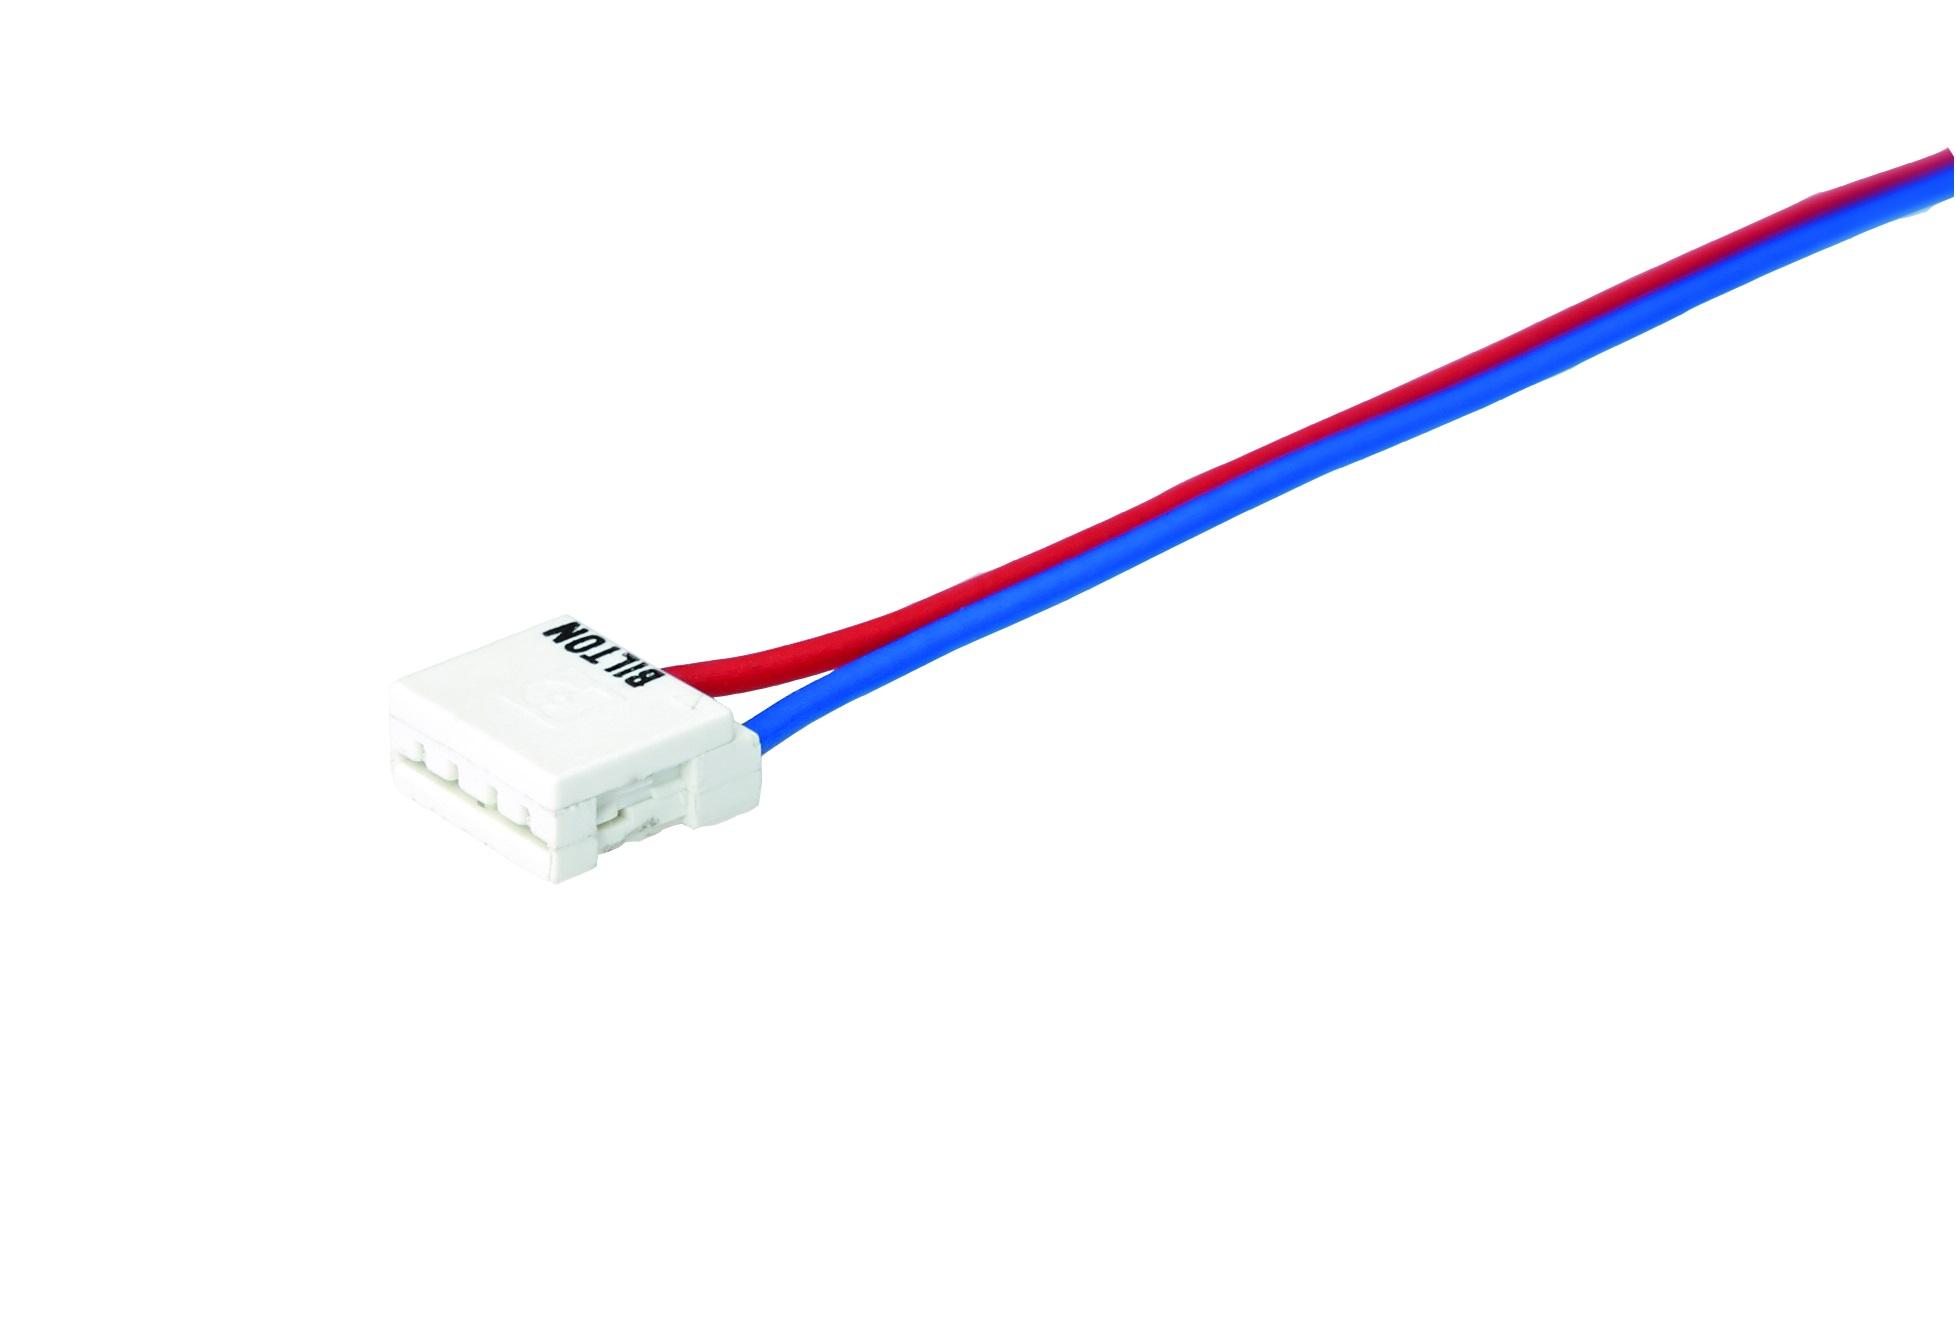 1 Stk 2-polige Anschlussleitung 500mm mit Connector LIBICWC150